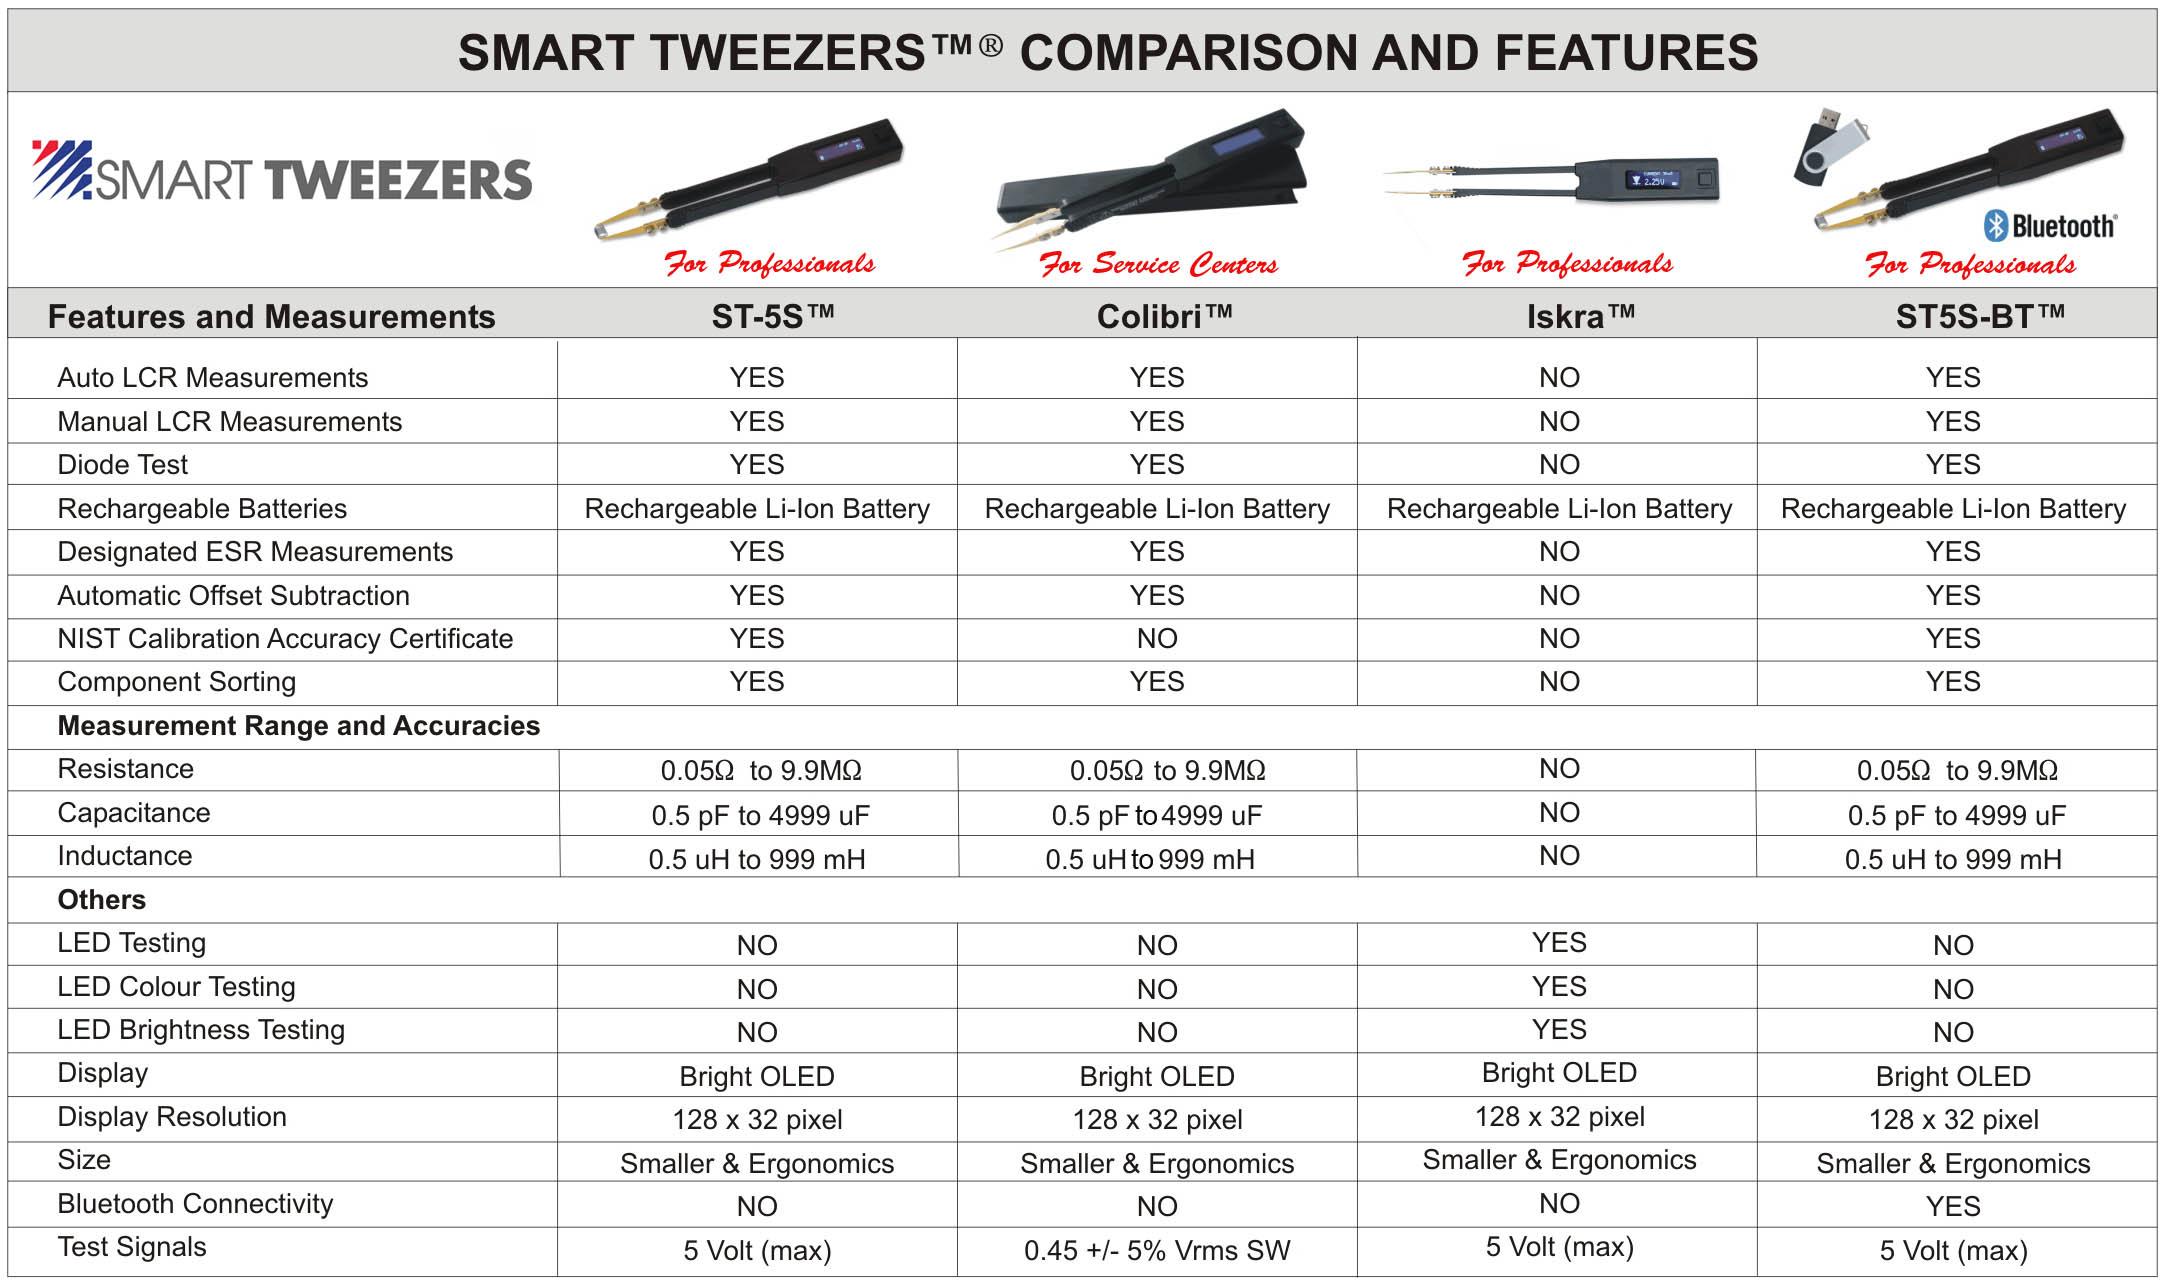 Comparison of all models of Smart Tweezers